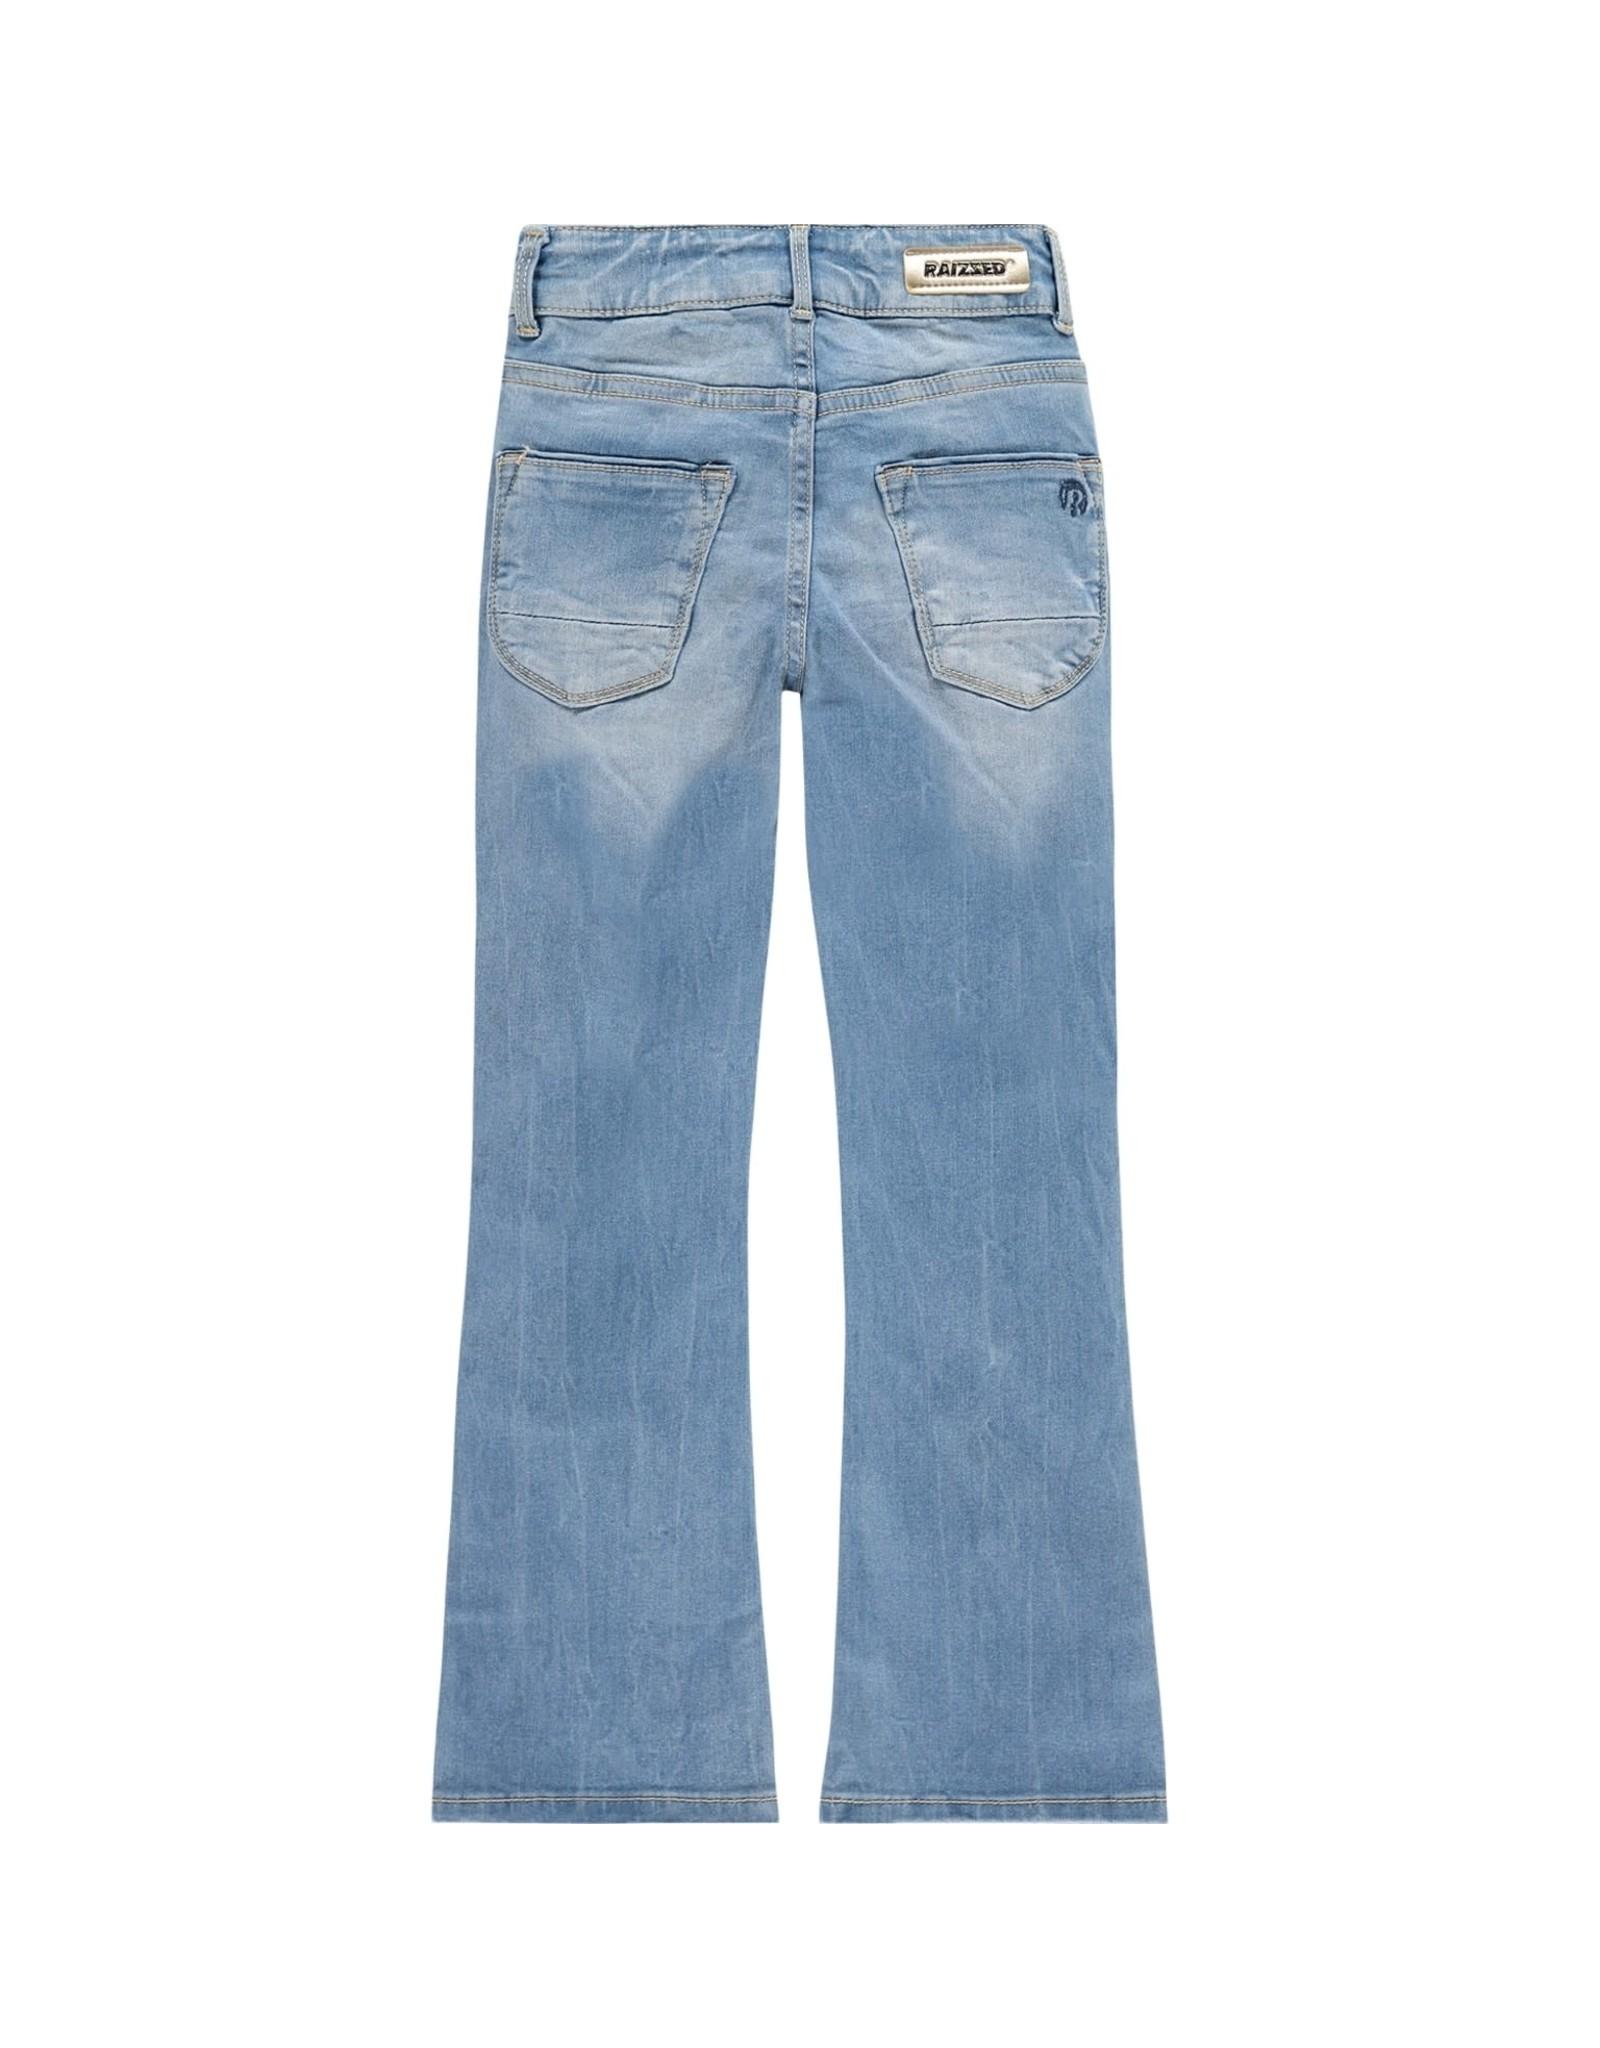 Raizzed Raizzed meisjes flaired jeans Melbourne Light Blue Stone